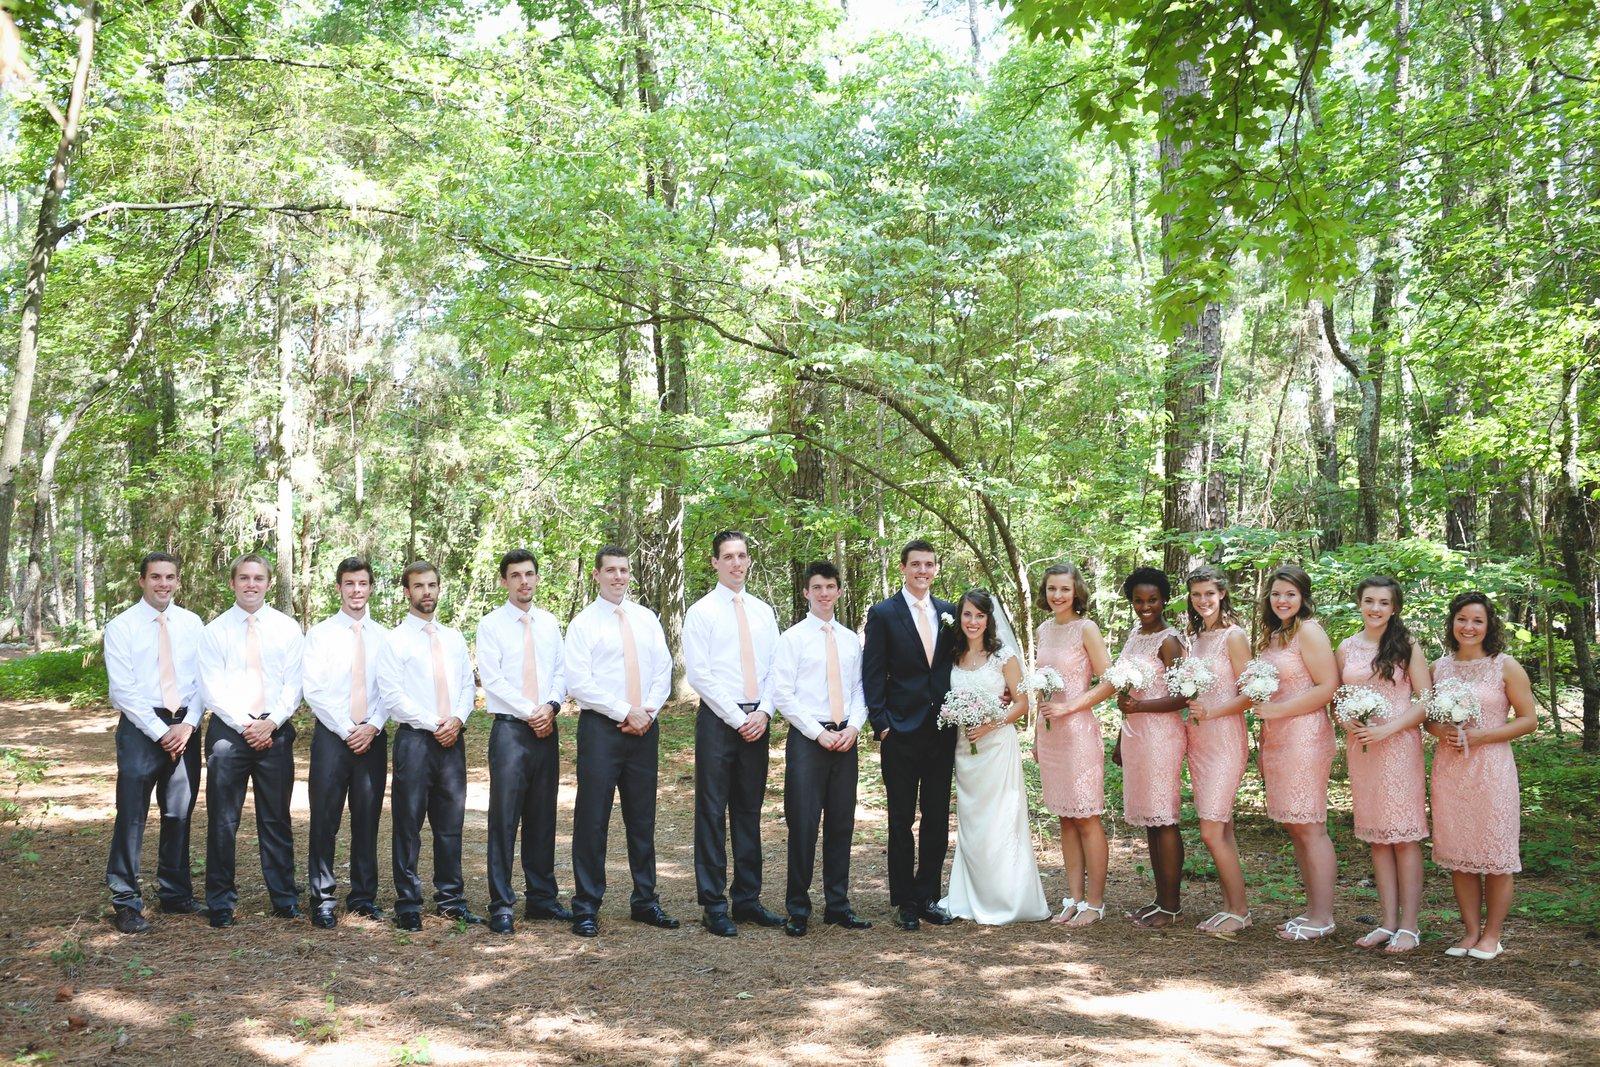 AaronHanna-weddingparty-40.jpg